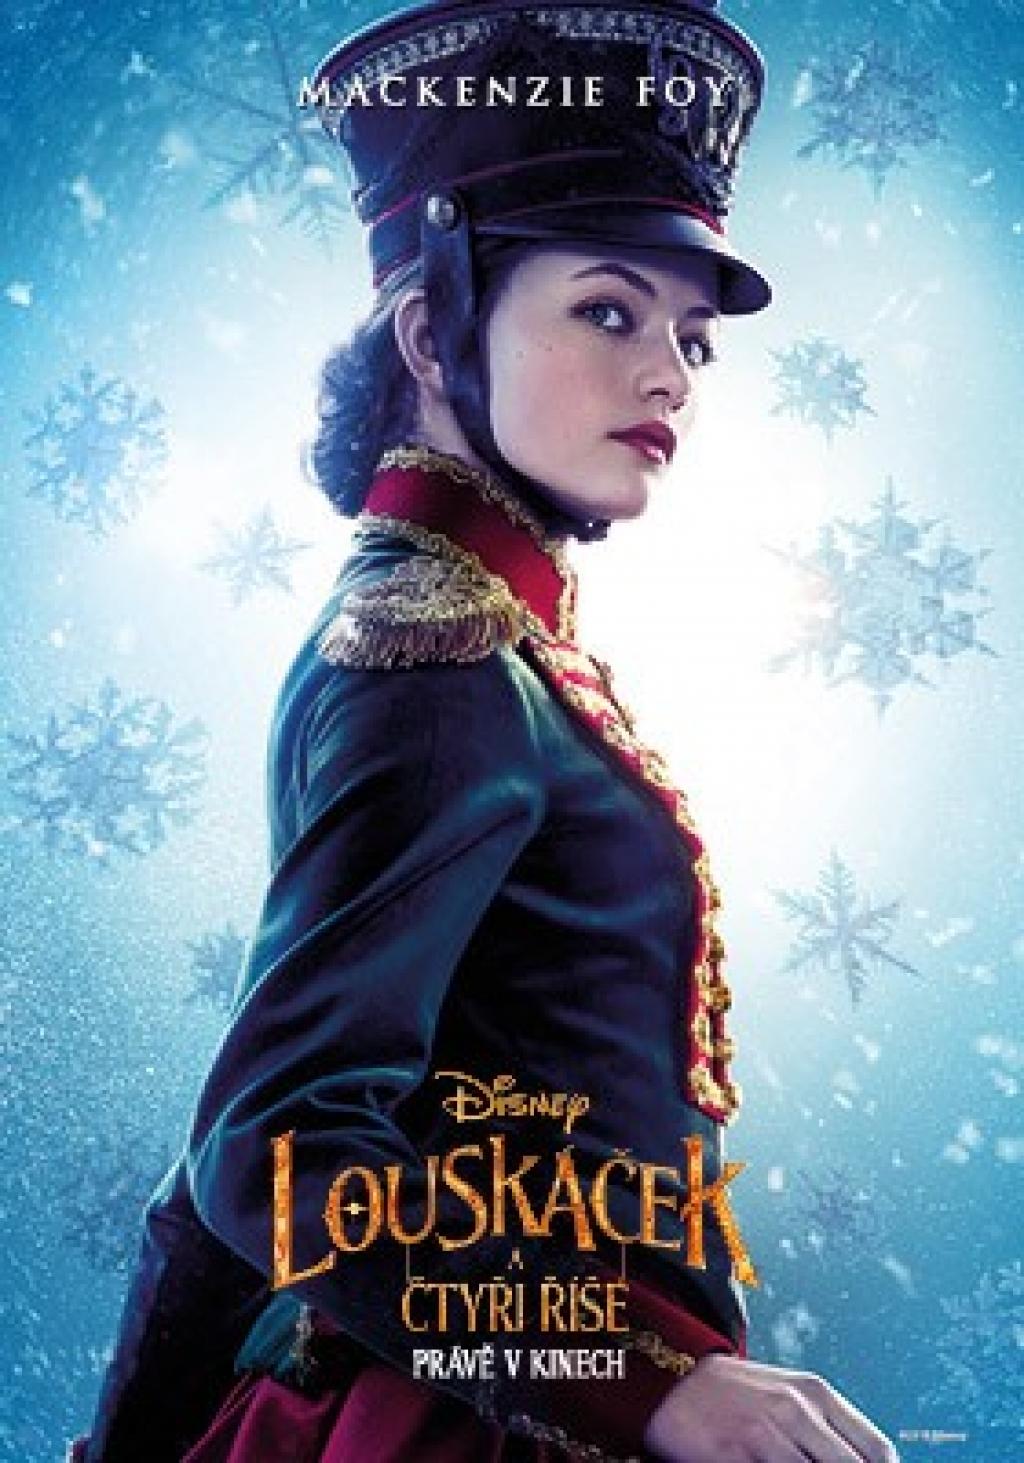 Rozlouskněte Vánoce v Centru Černý Most a přijďte na velkolepou lední multimediální show inspirovanou příběhem Louskáčka!